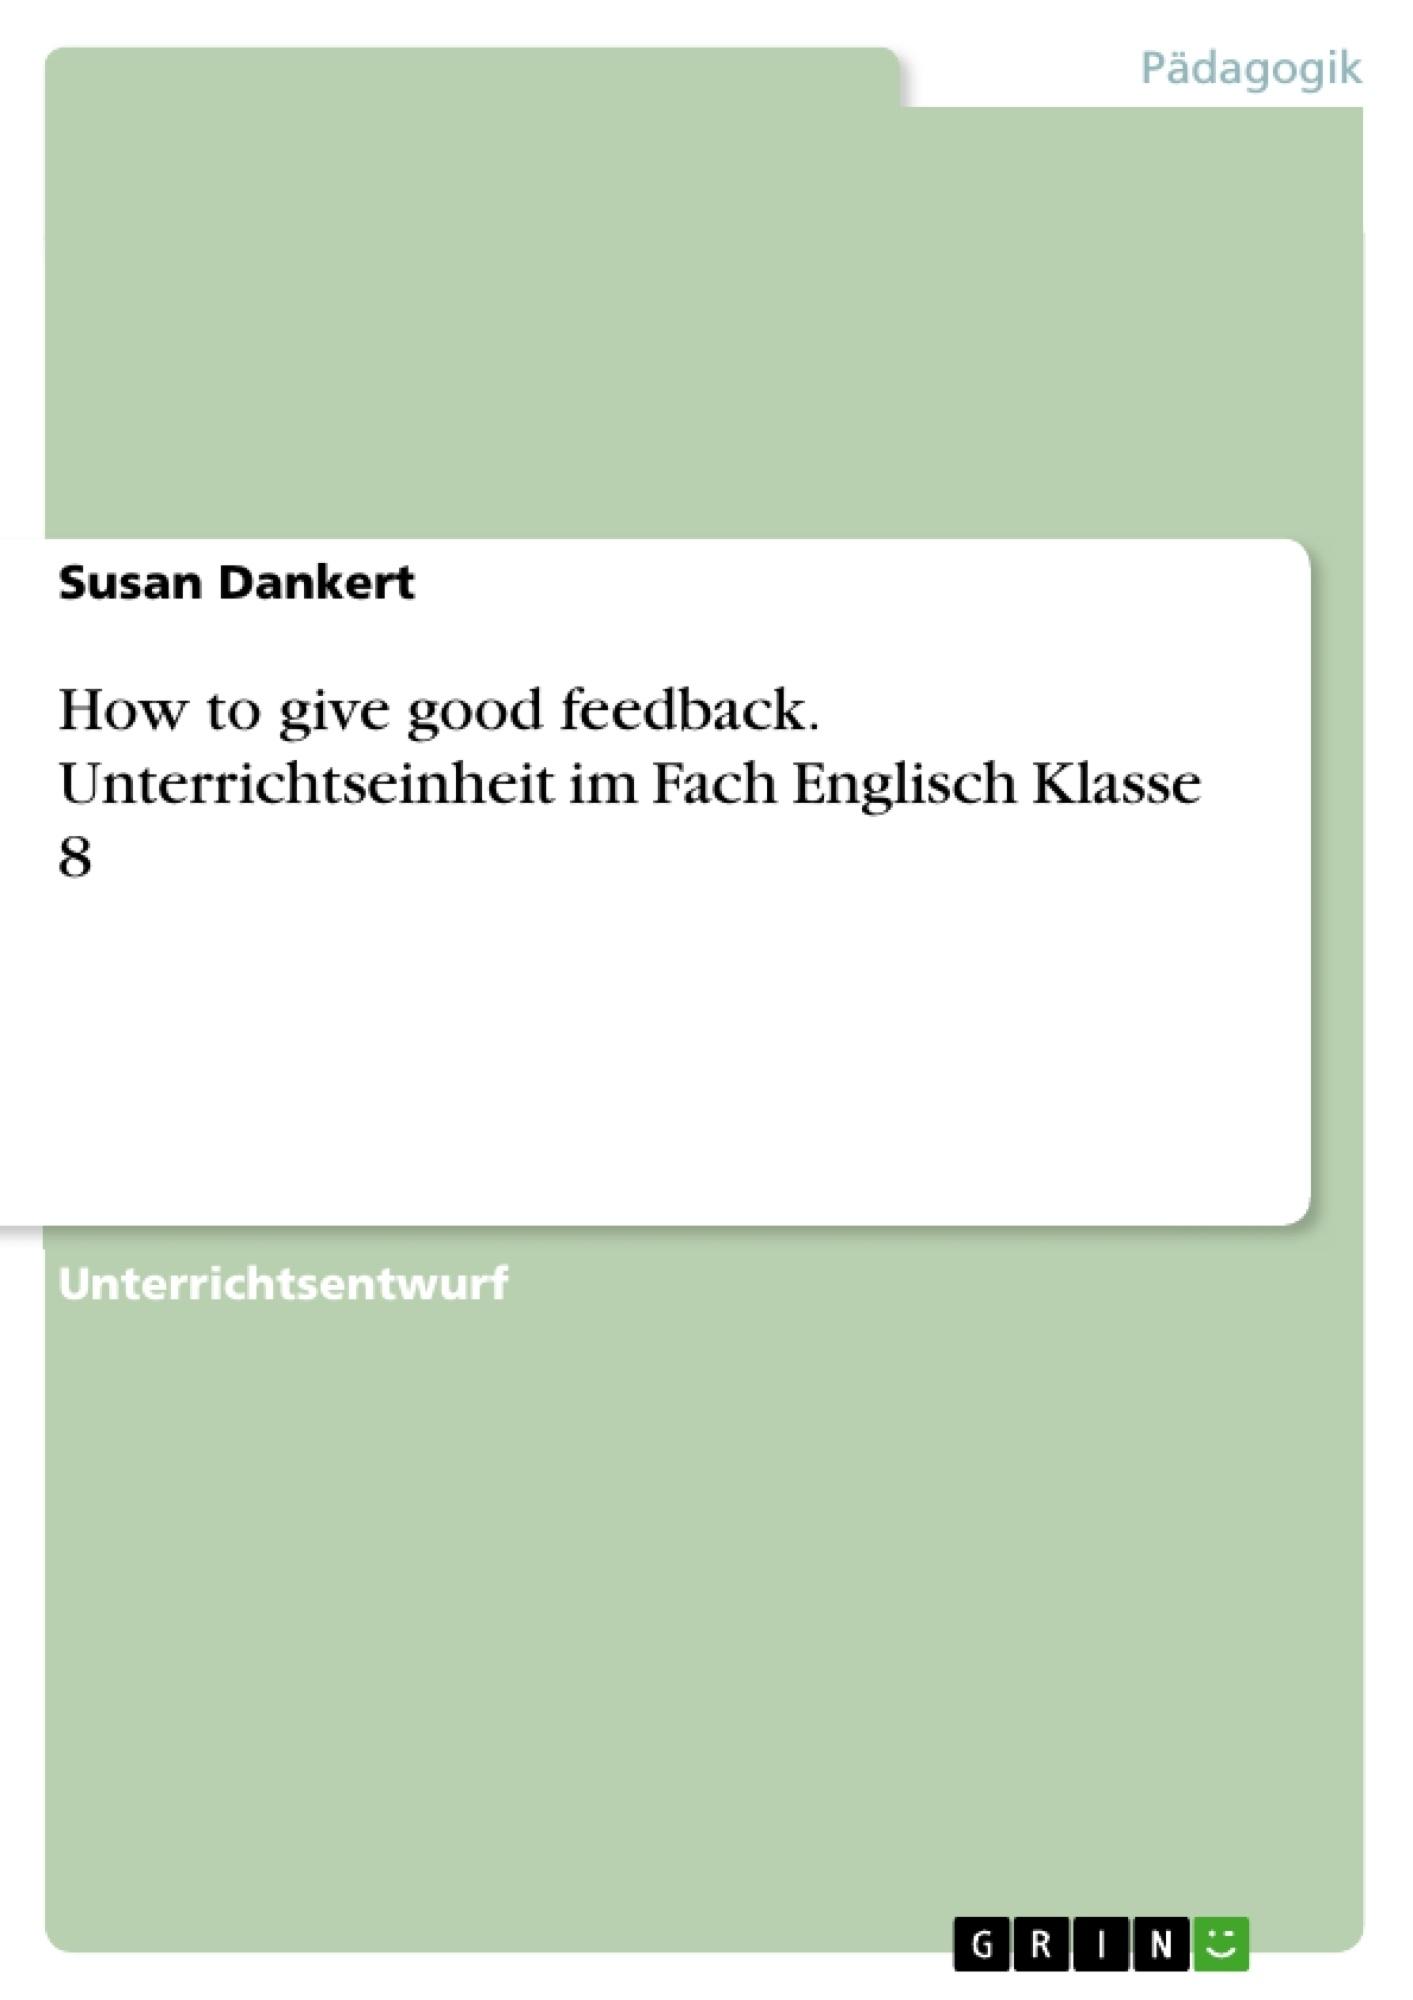 Titel: How to give good feedback. Unterrichtseinheit im Fach Englisch Klasse 8